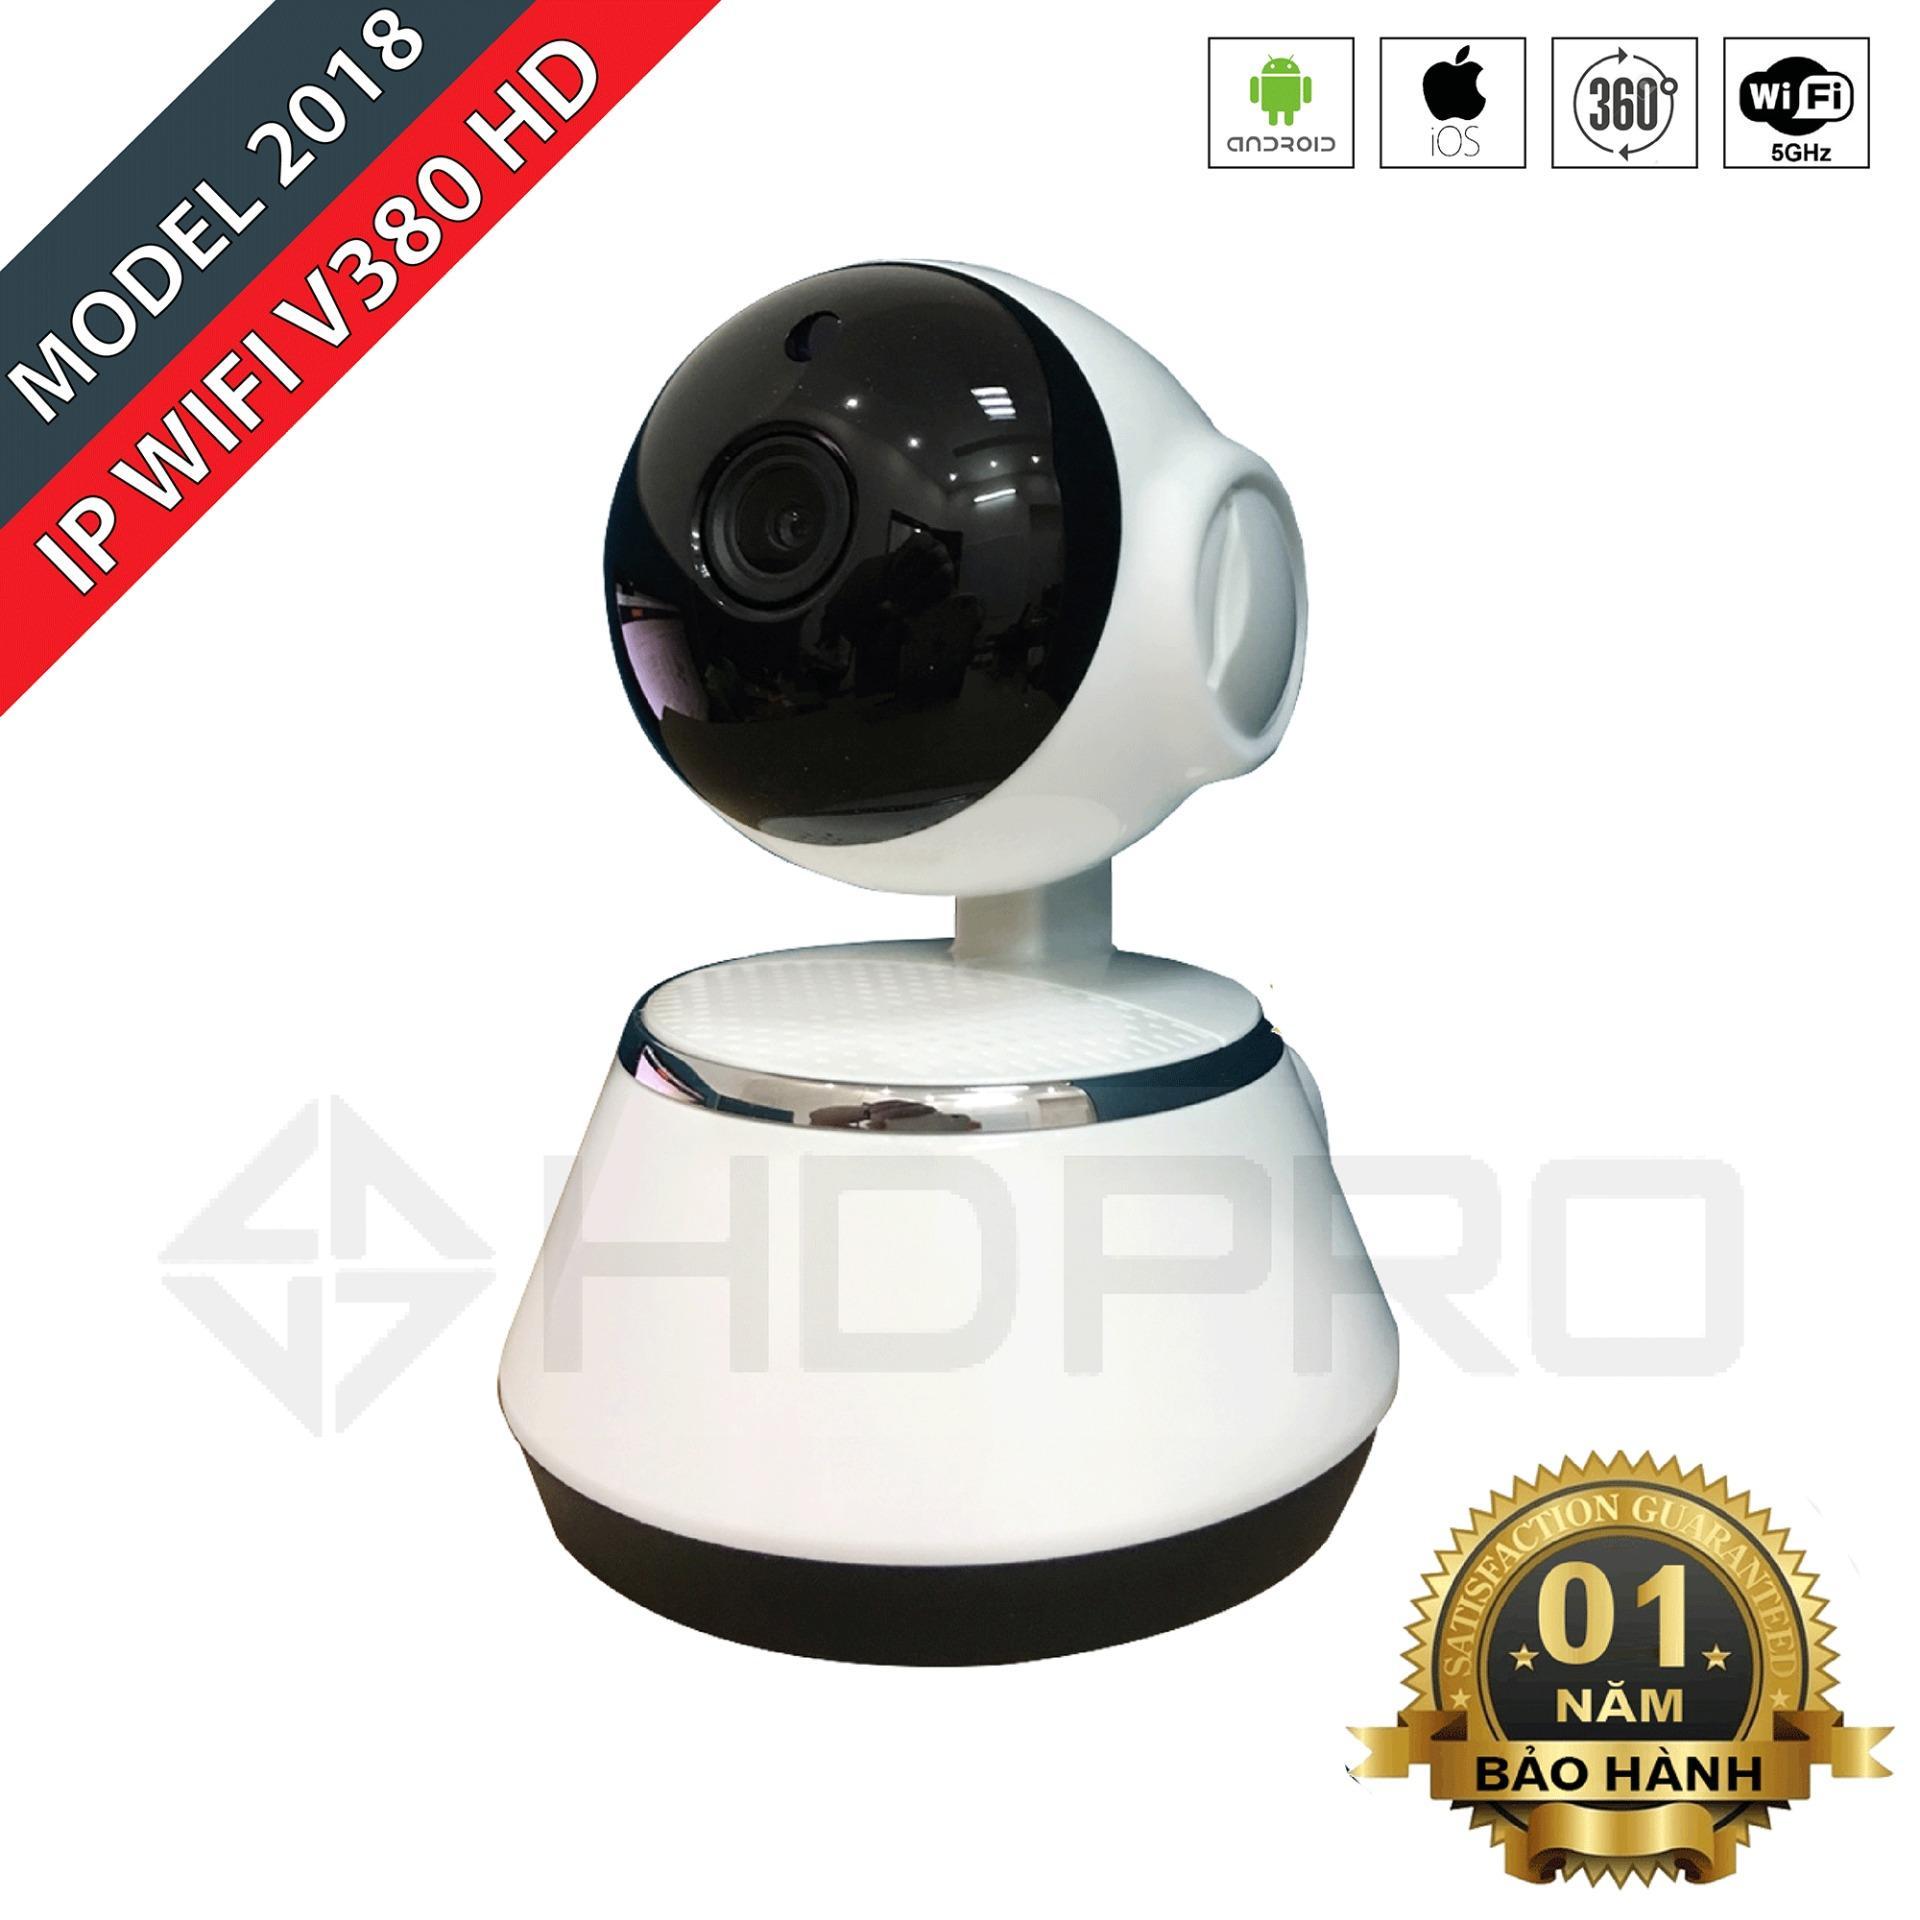 Giá Bán Camera Ip Wifi V380 Hd V380 Mới